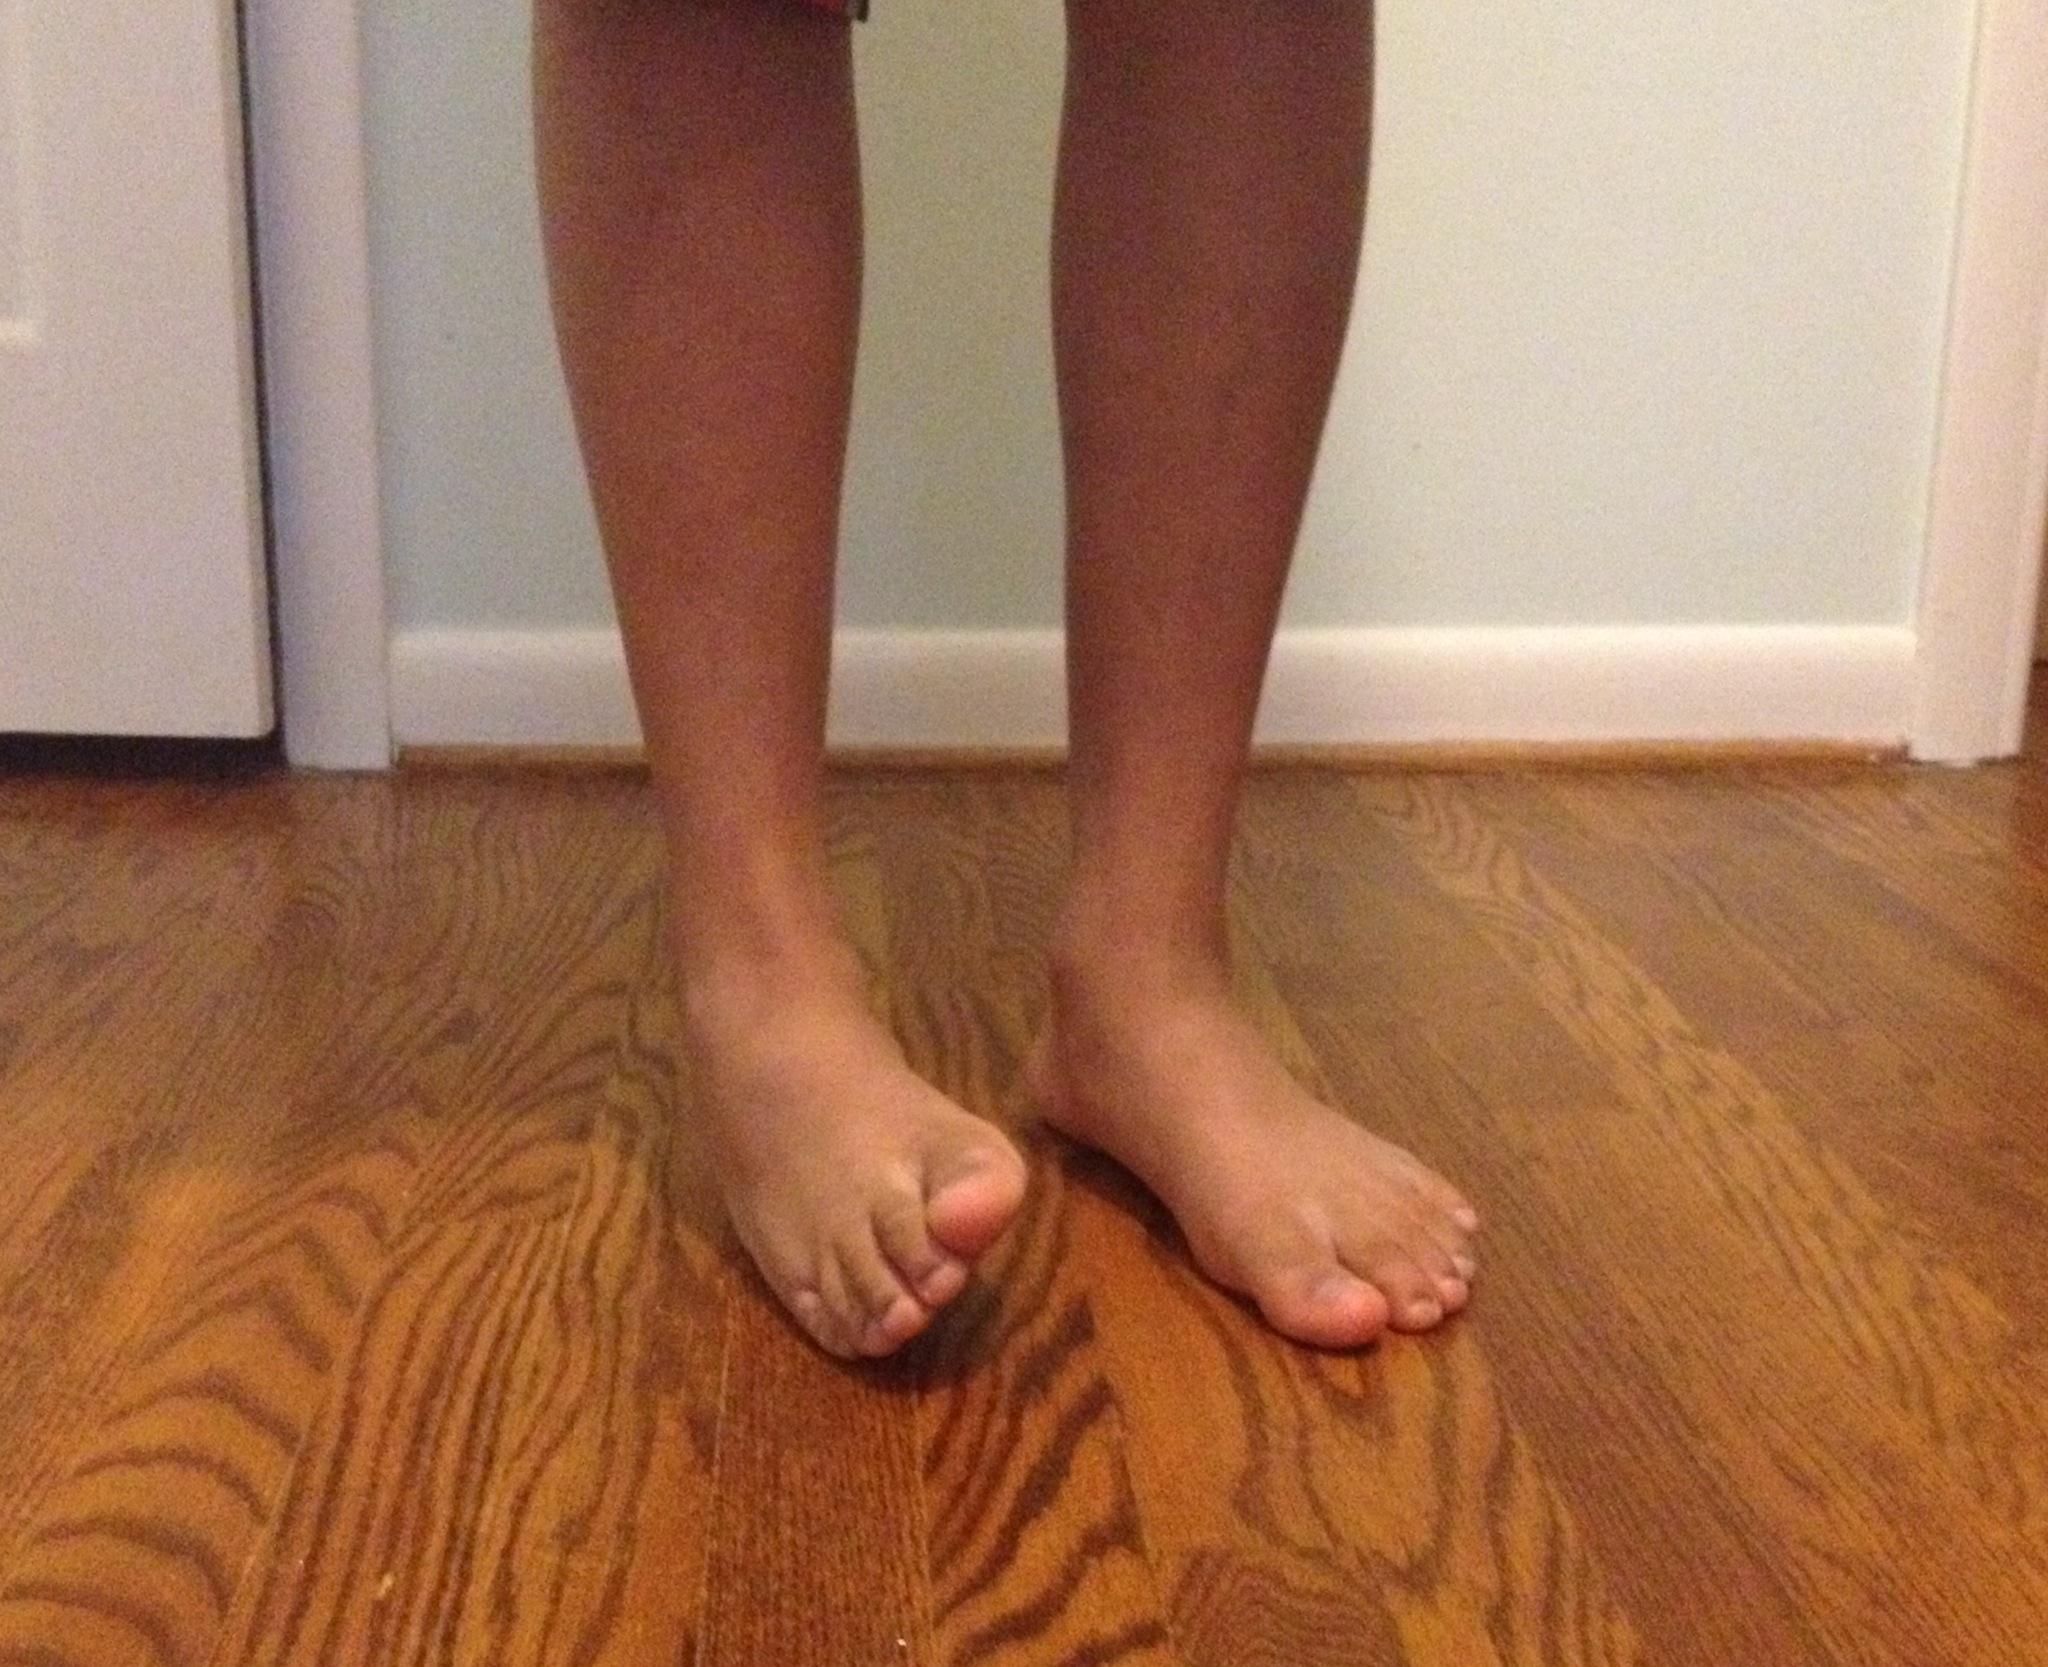 lateral sprain